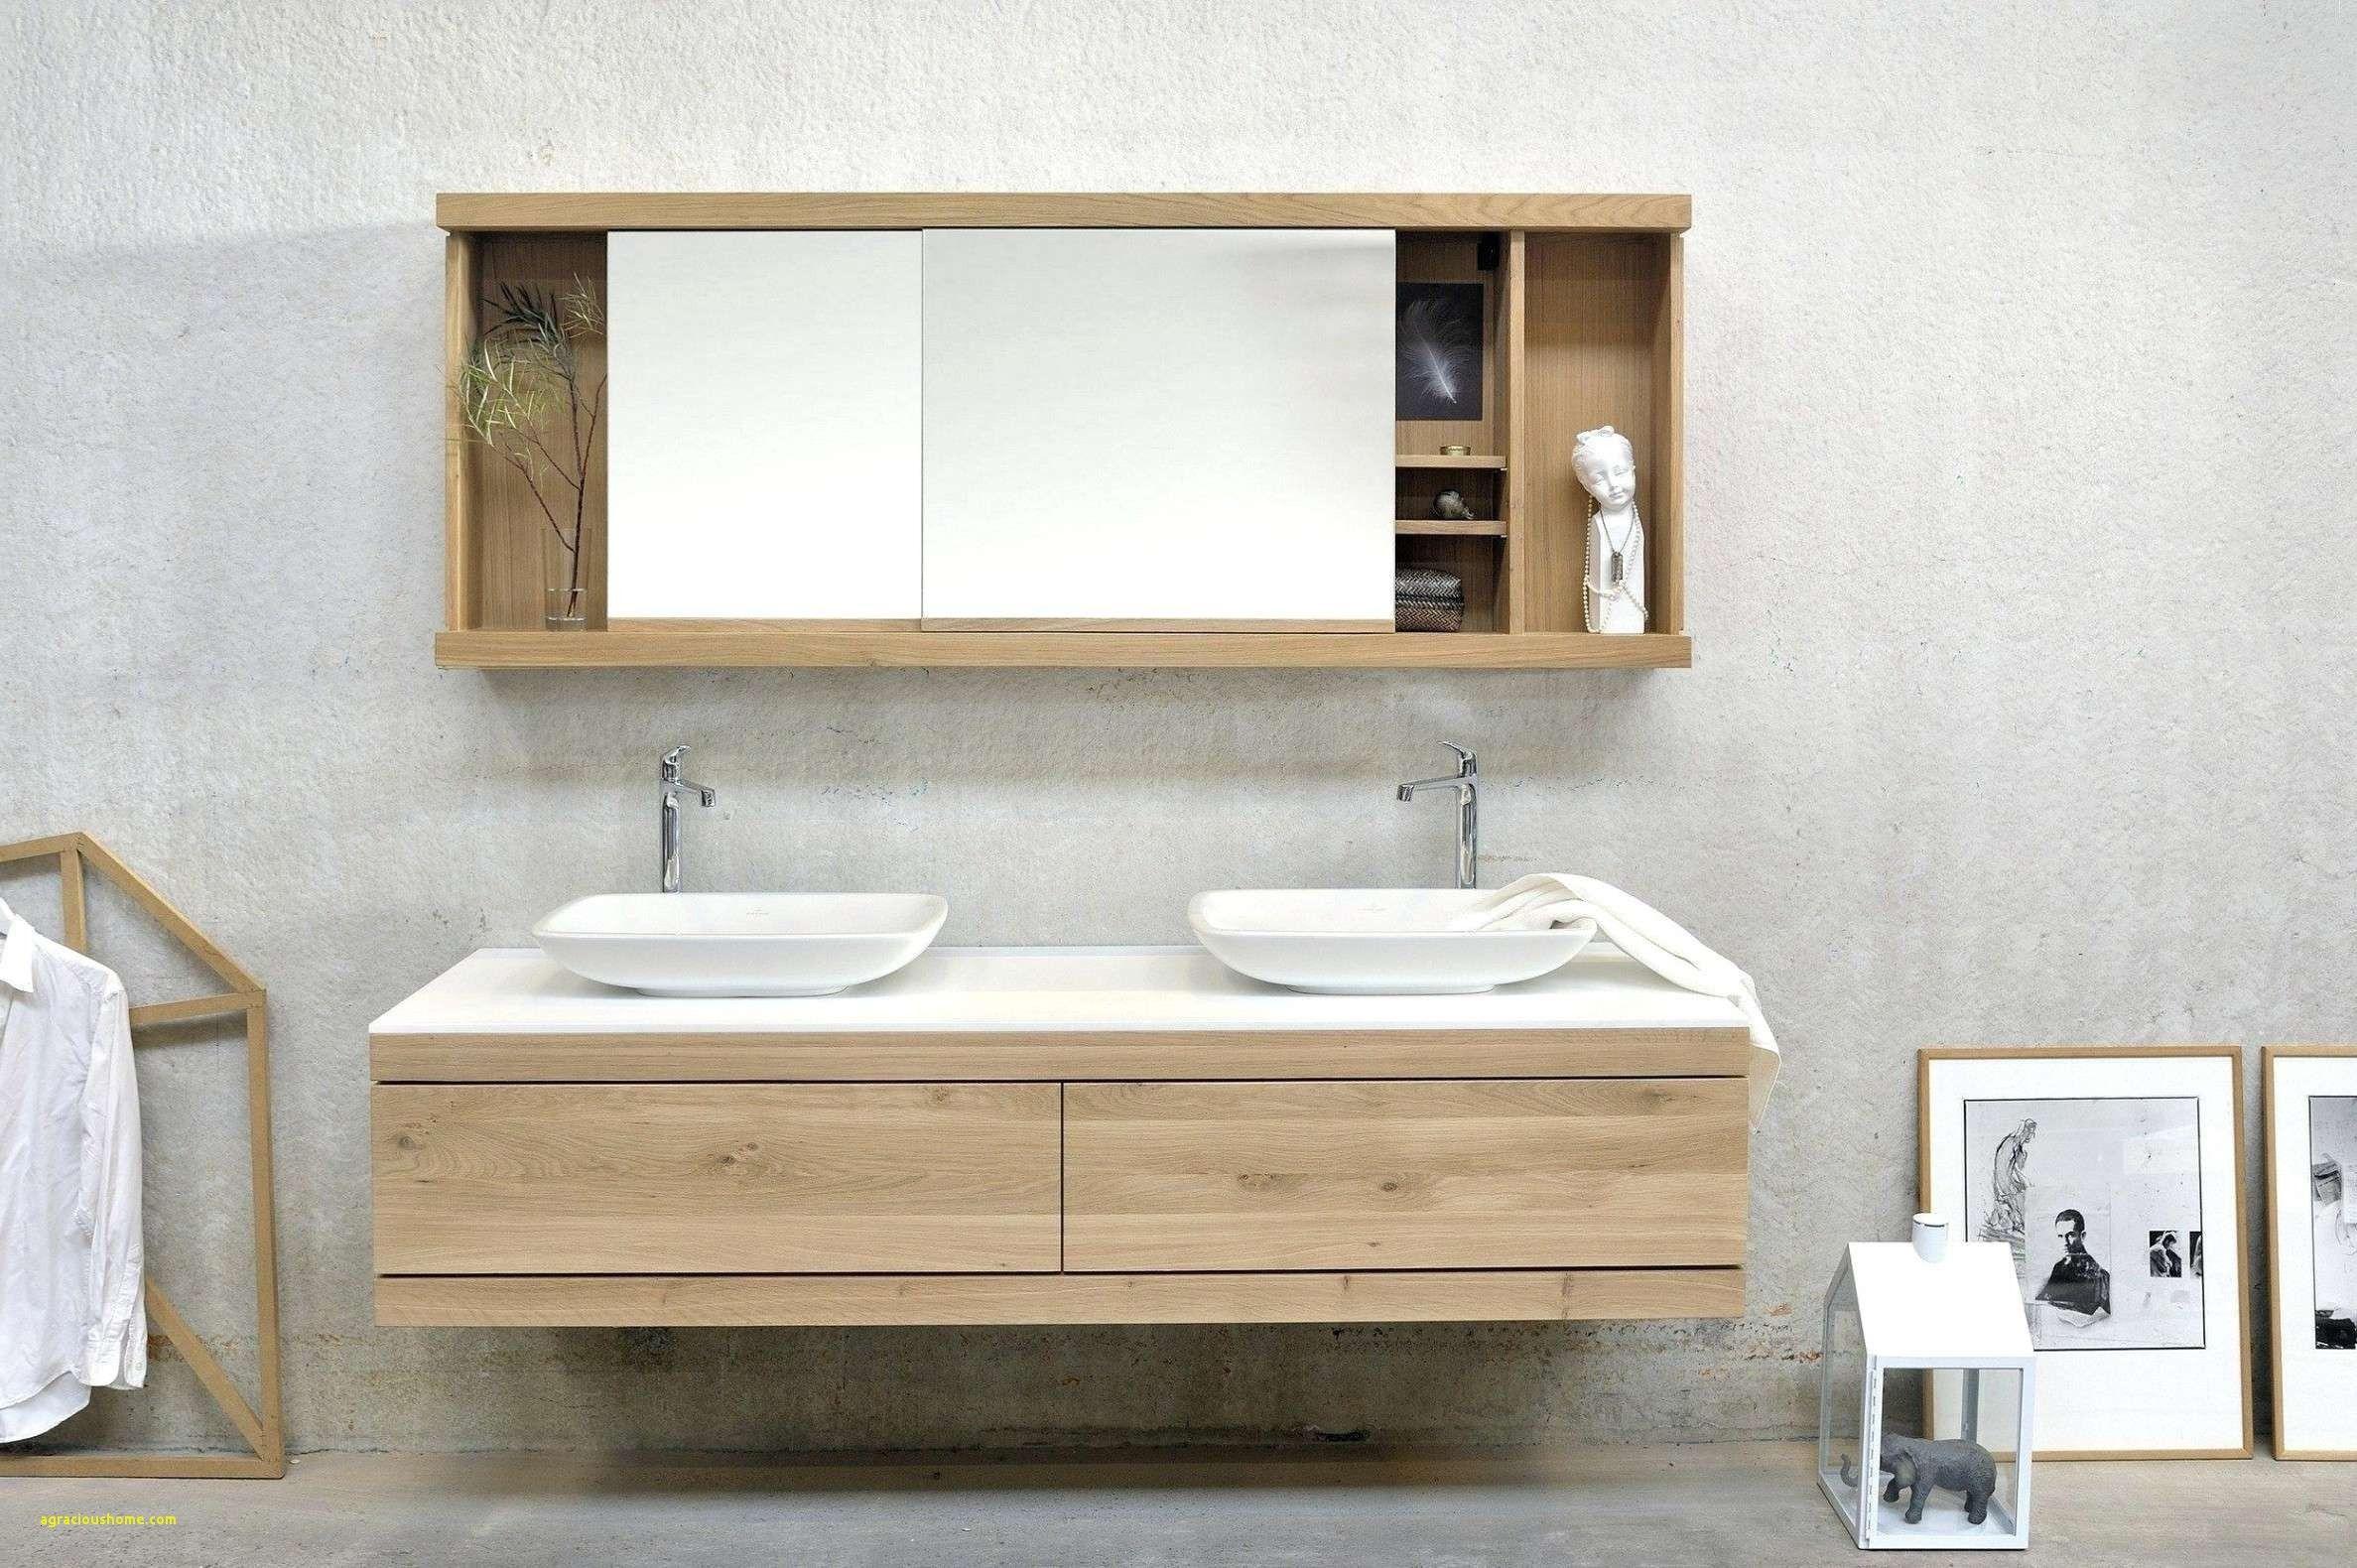 17 Schön Waschtische Holz Mit Aufsatzwaschbecken joaquintrias